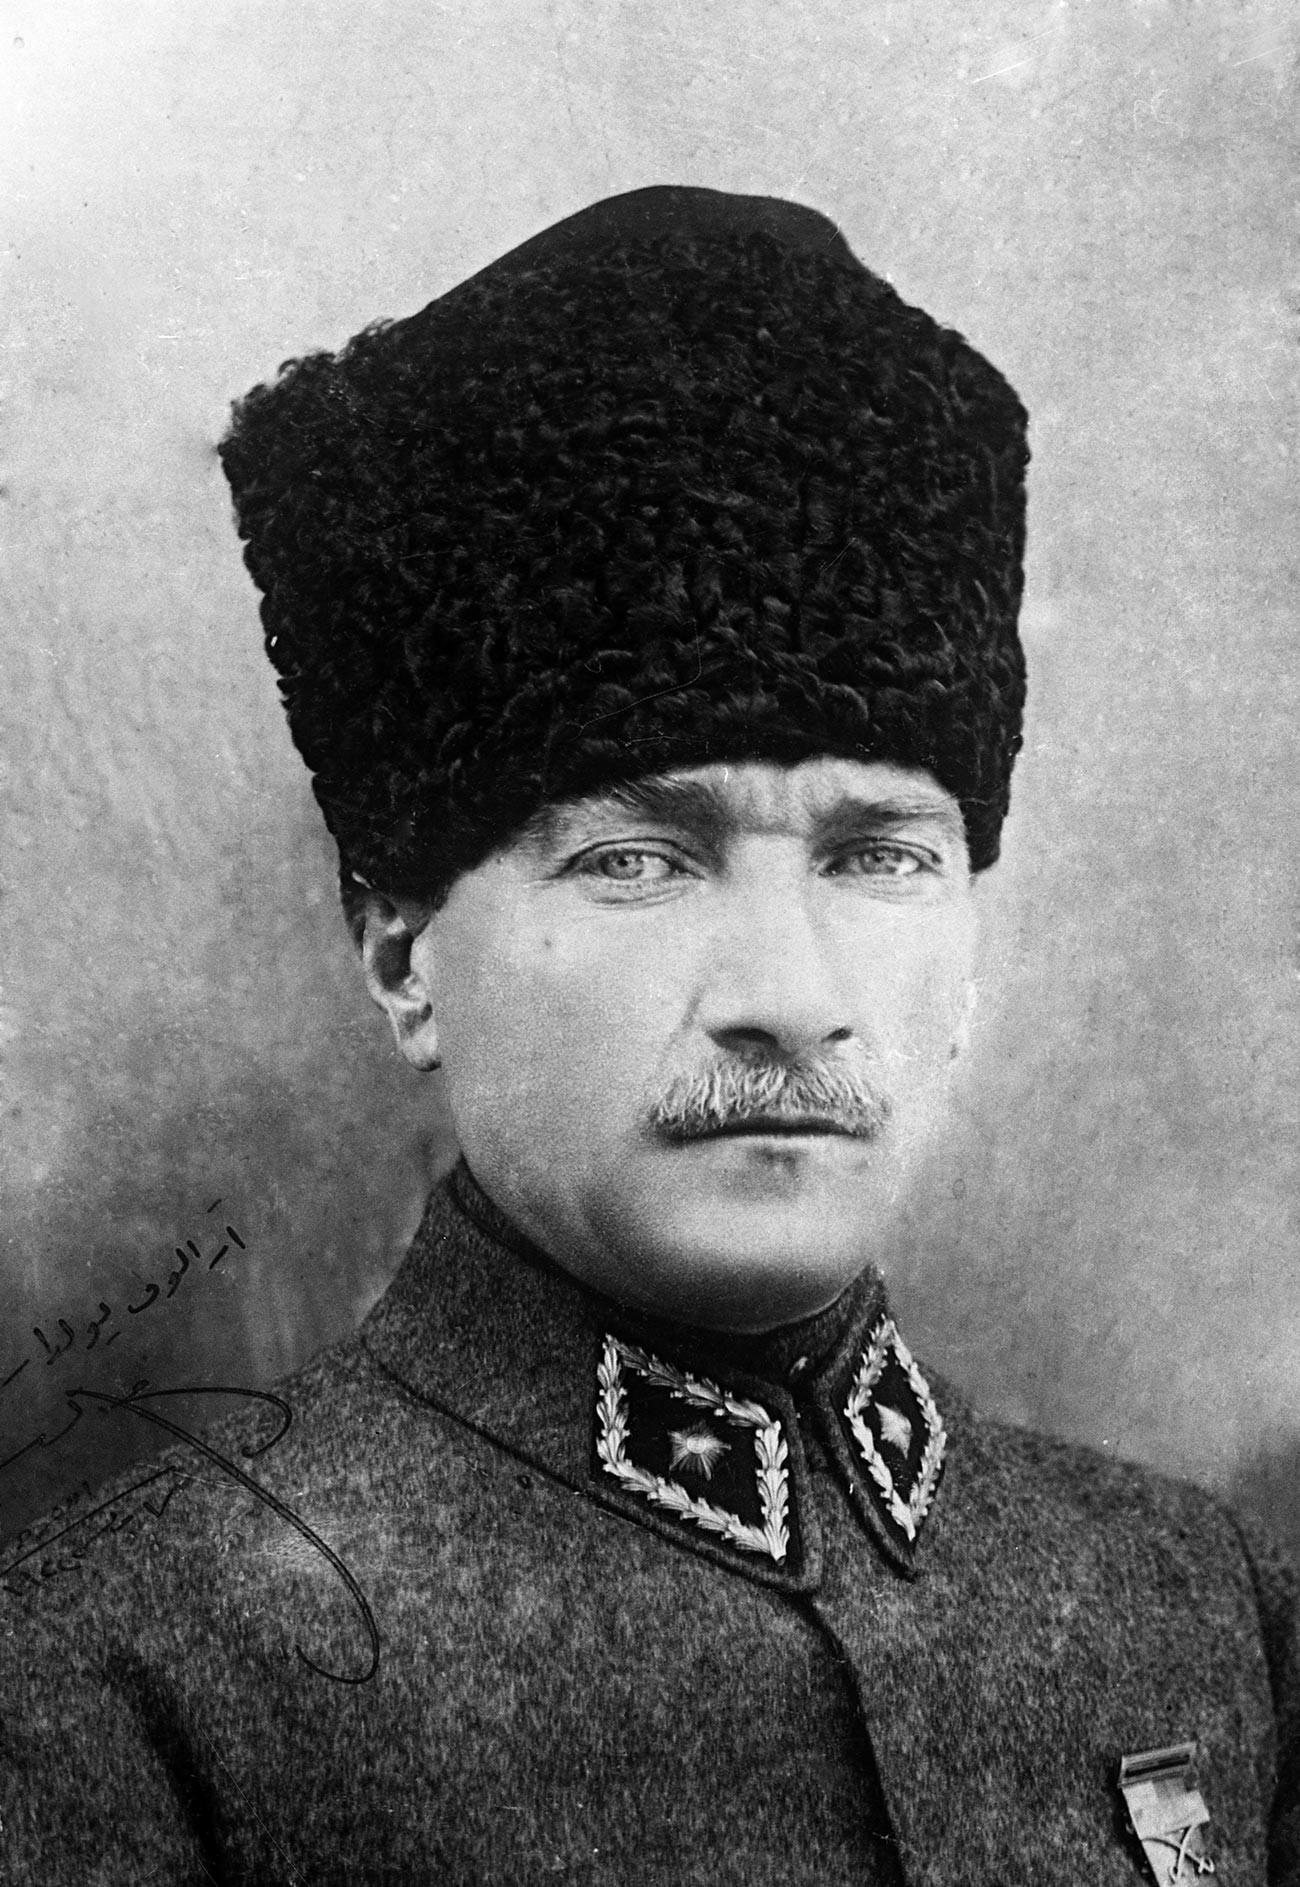 Ritratto di Atatürk regalato all'inviato sovietico in Turchia, Semjon Aralov